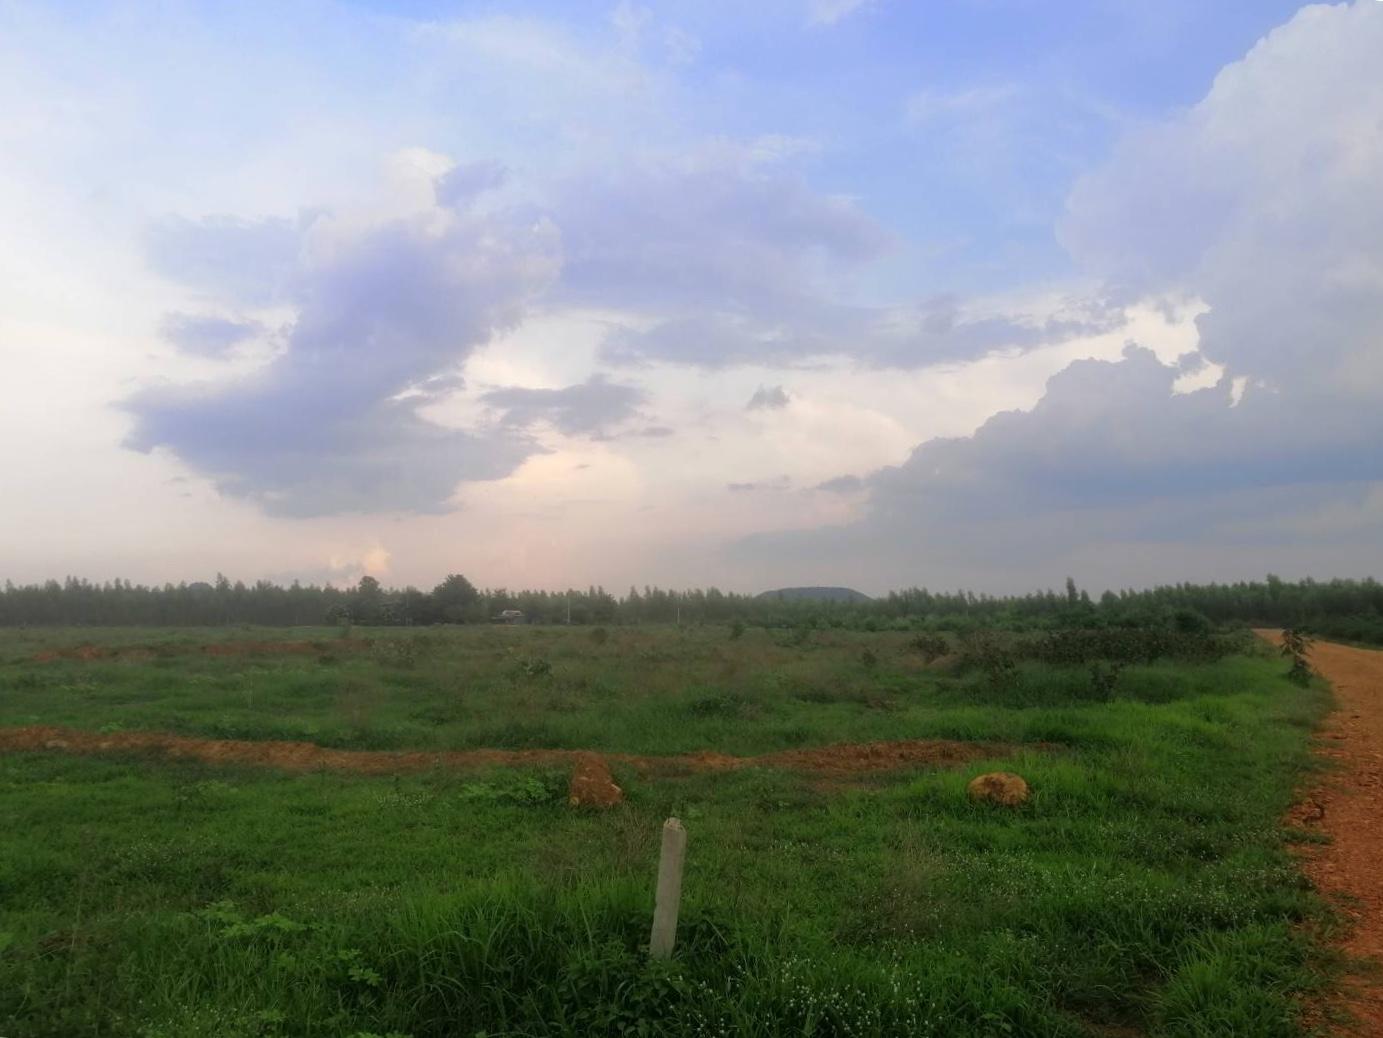 ที่ดินเปล่า 10 ไร่ ต.หลุมรัง อ.บ่อพลอย จ.กาญจนบุรี